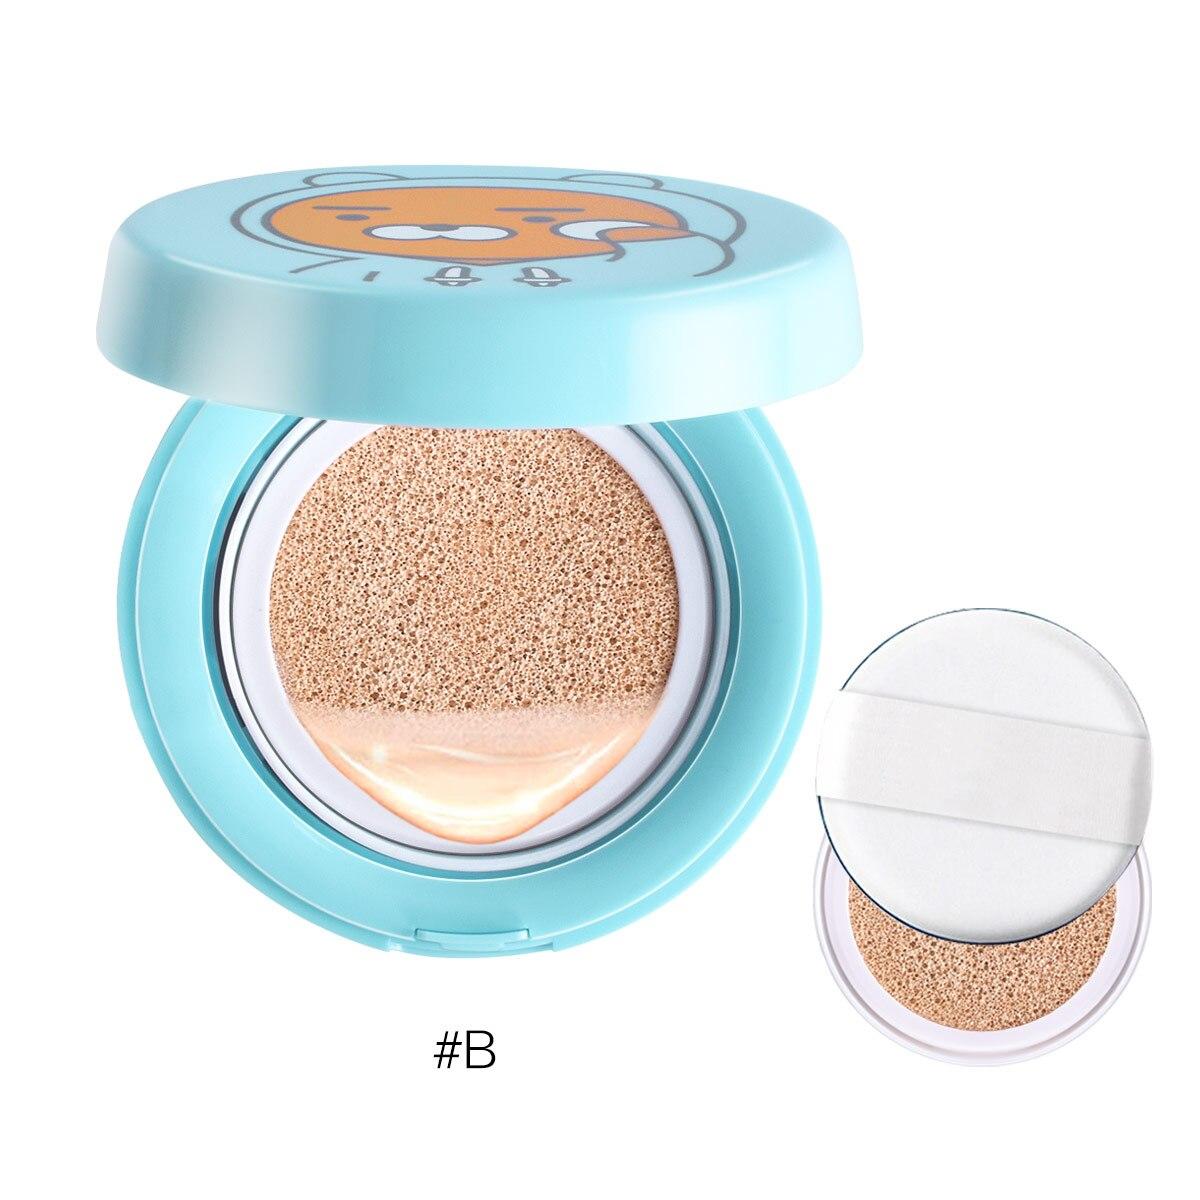 Кроссовки на воздушной подушке BB крем изоляция ВВ nude консилер, масло увлажняющий шампунь для 15gX2 макияж бренд HengFang# H8470 - Цвет: B